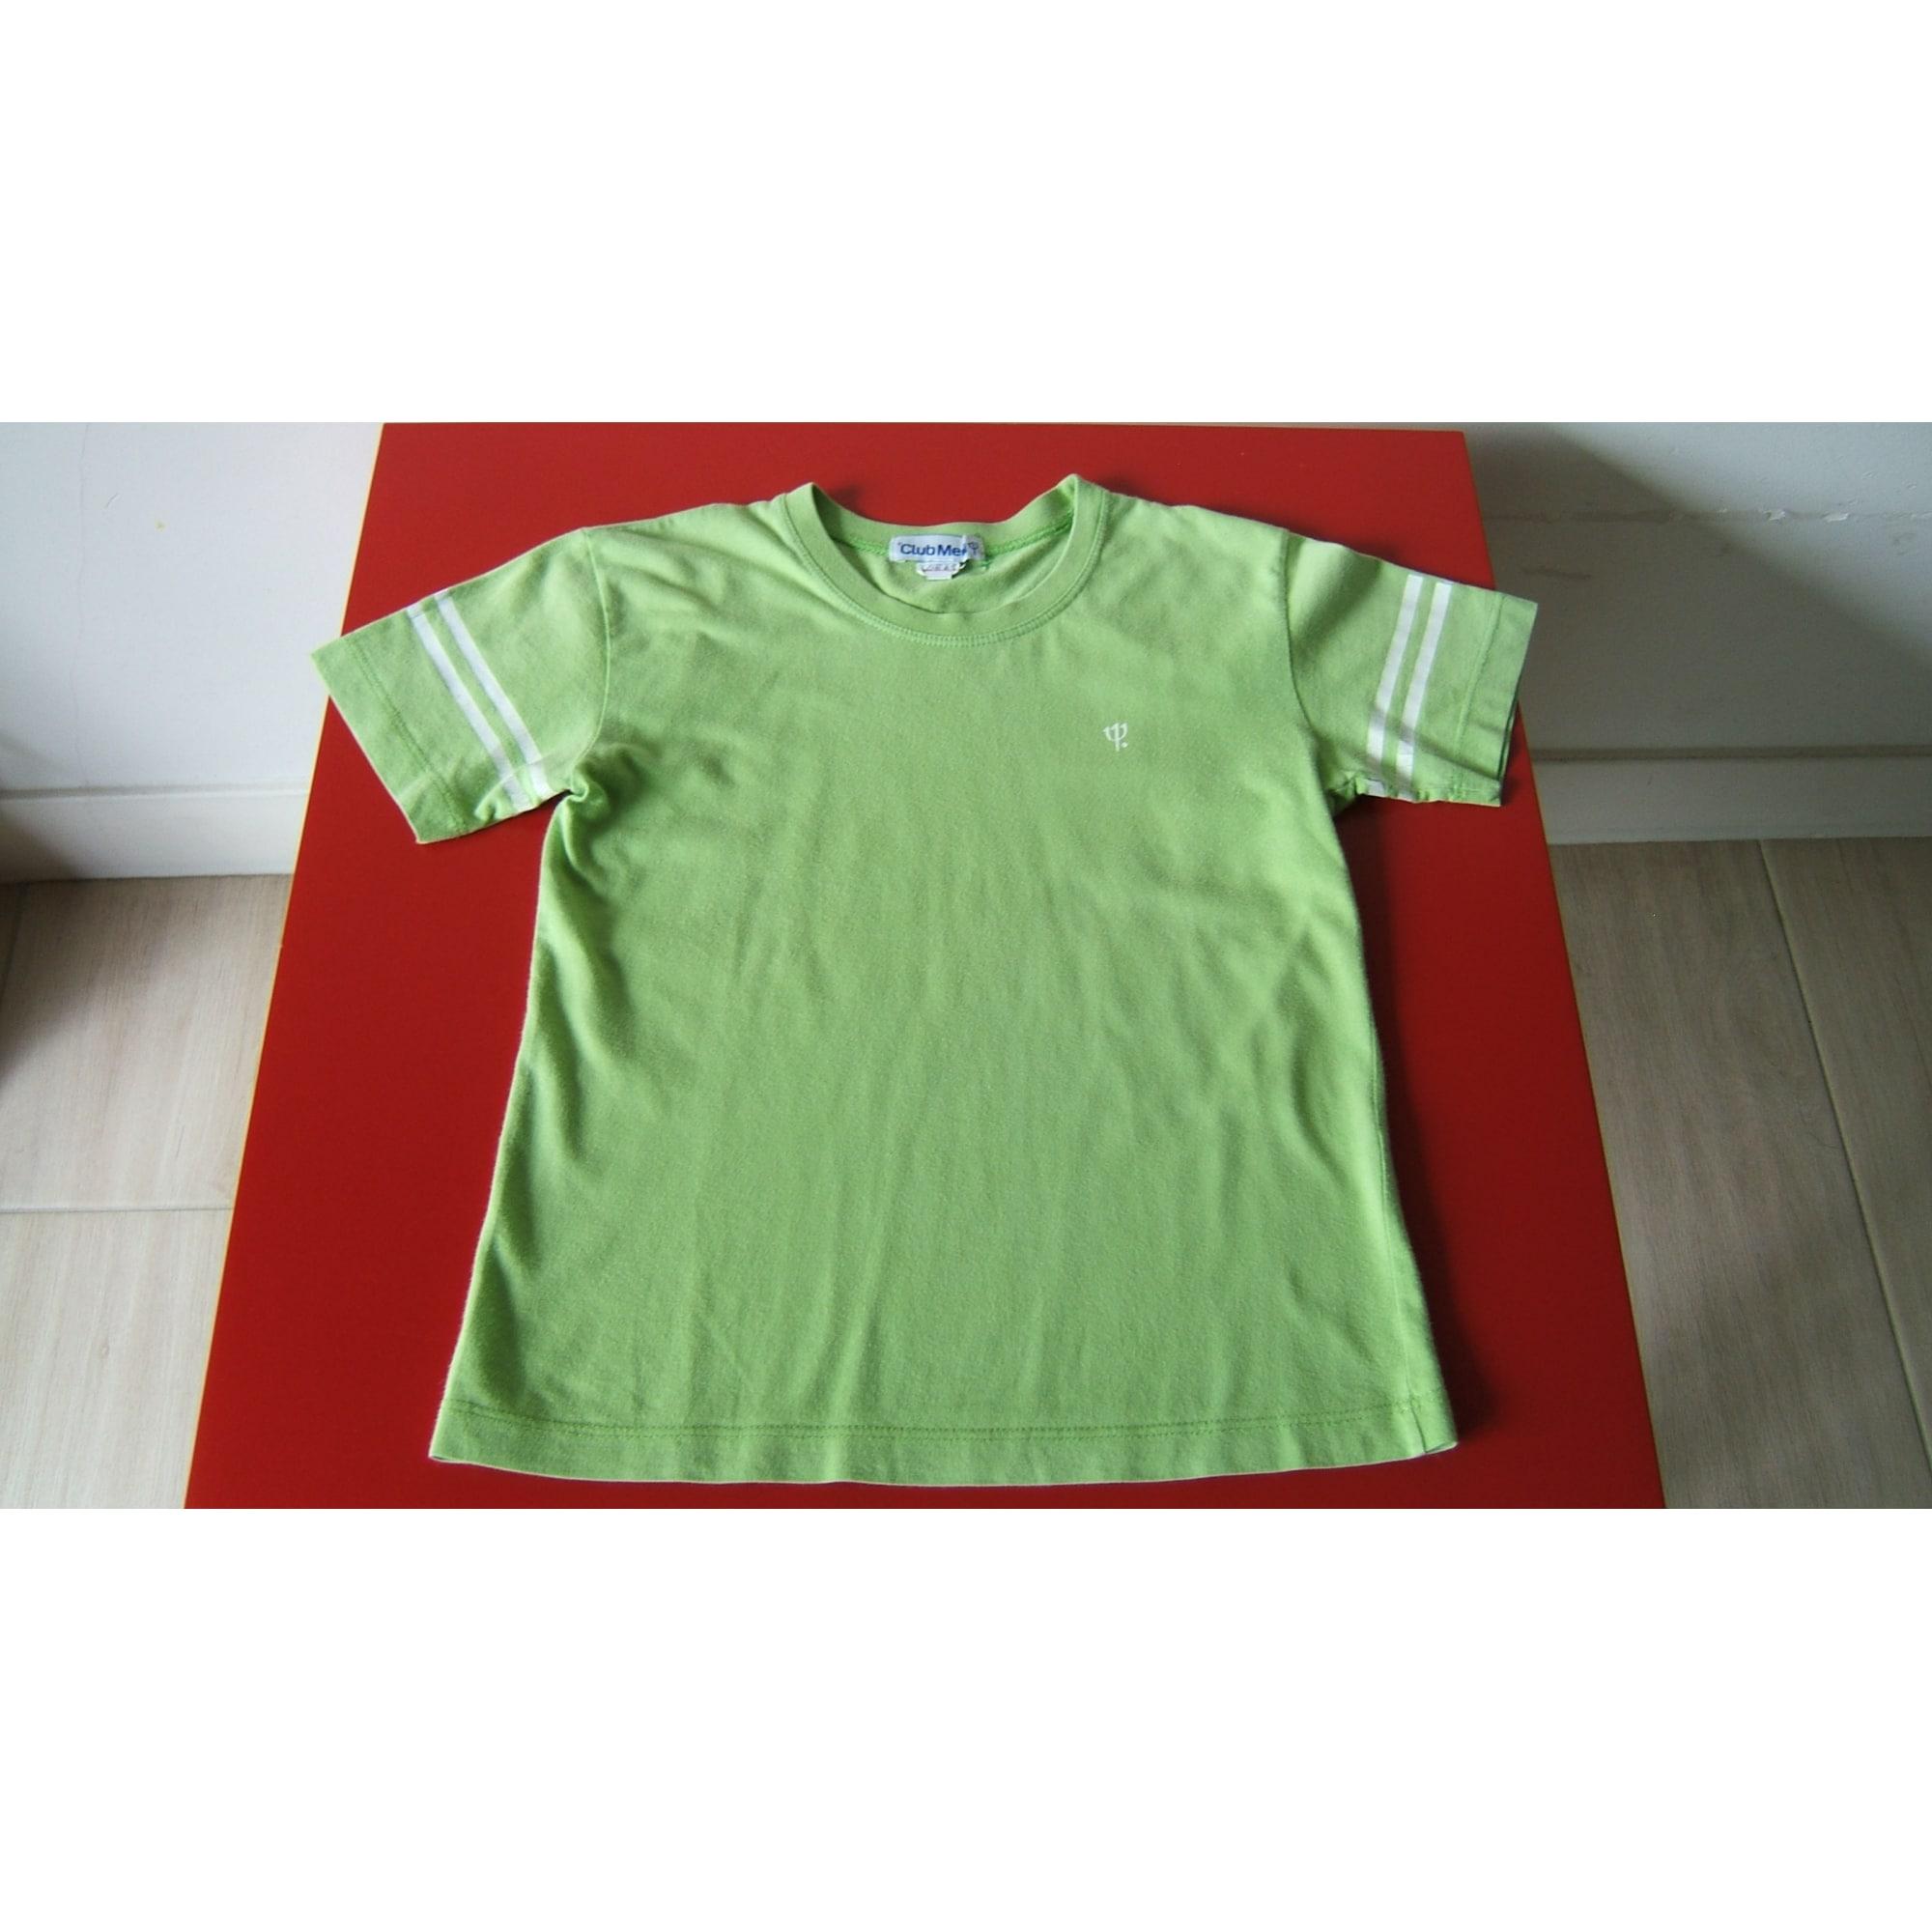 2f12548d8a6c Tee-shirt CLUB MED 5-6 ans vert - 4480293